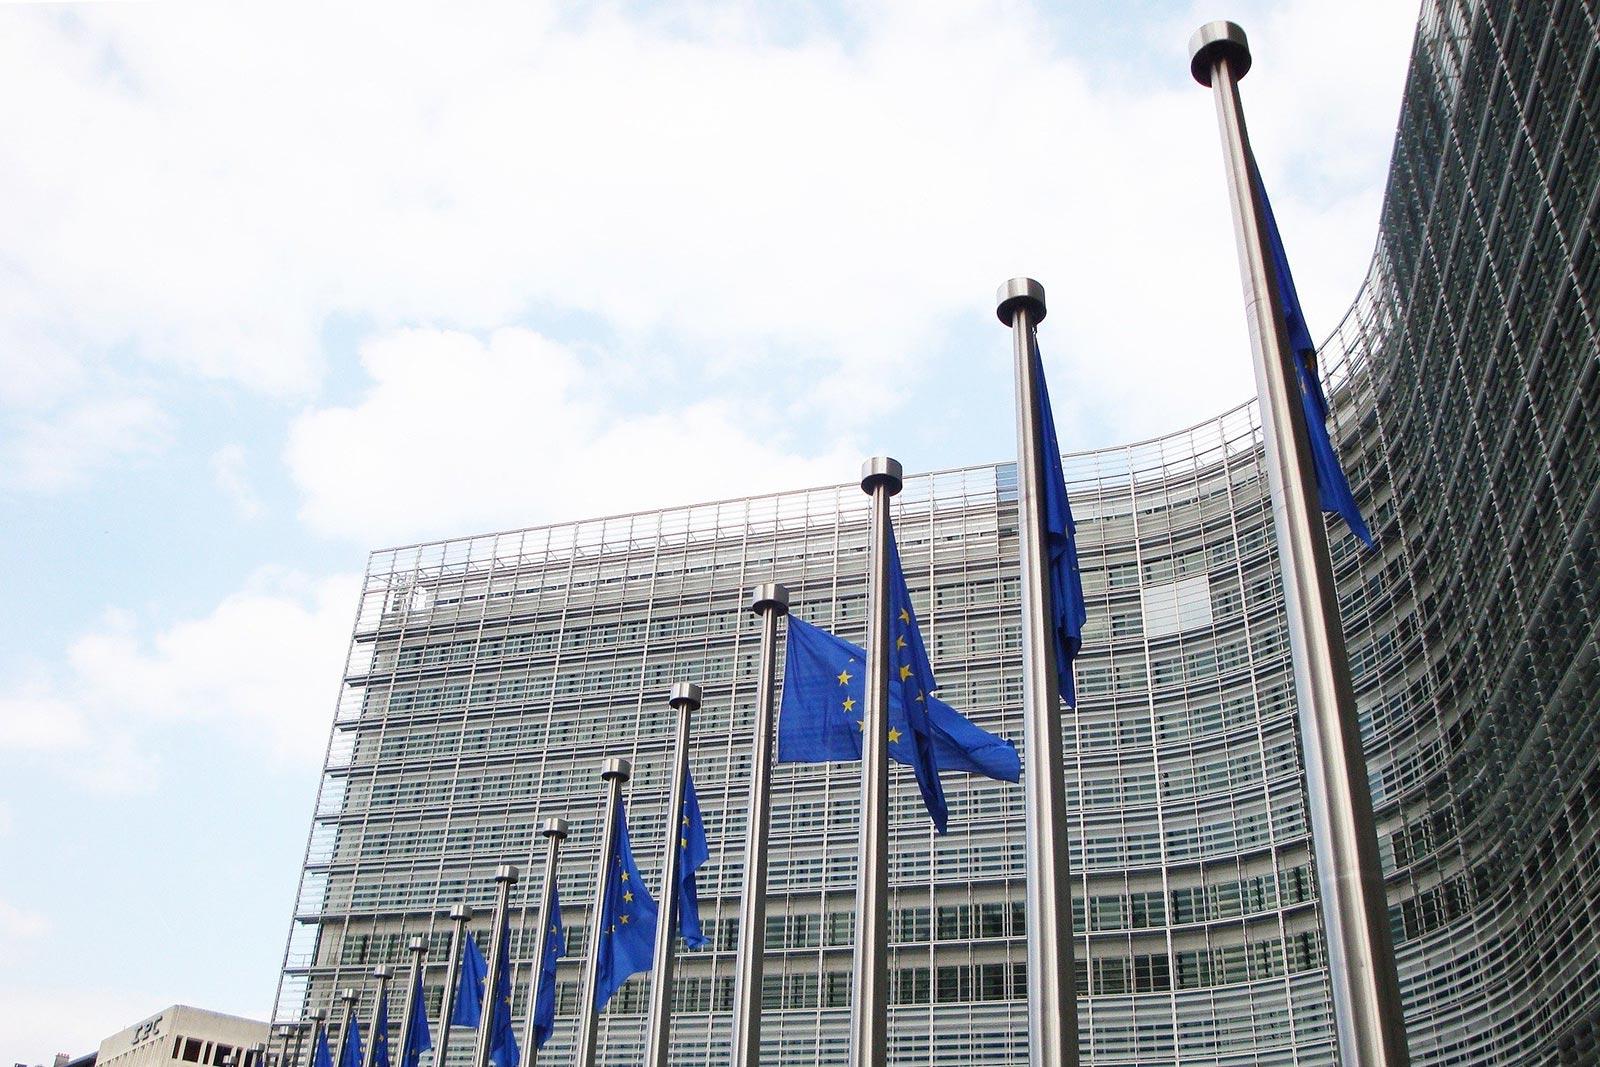 Evropska komisija je začela edinstveno študijo o 3D digitalizaciji materialne kulturne dediščine